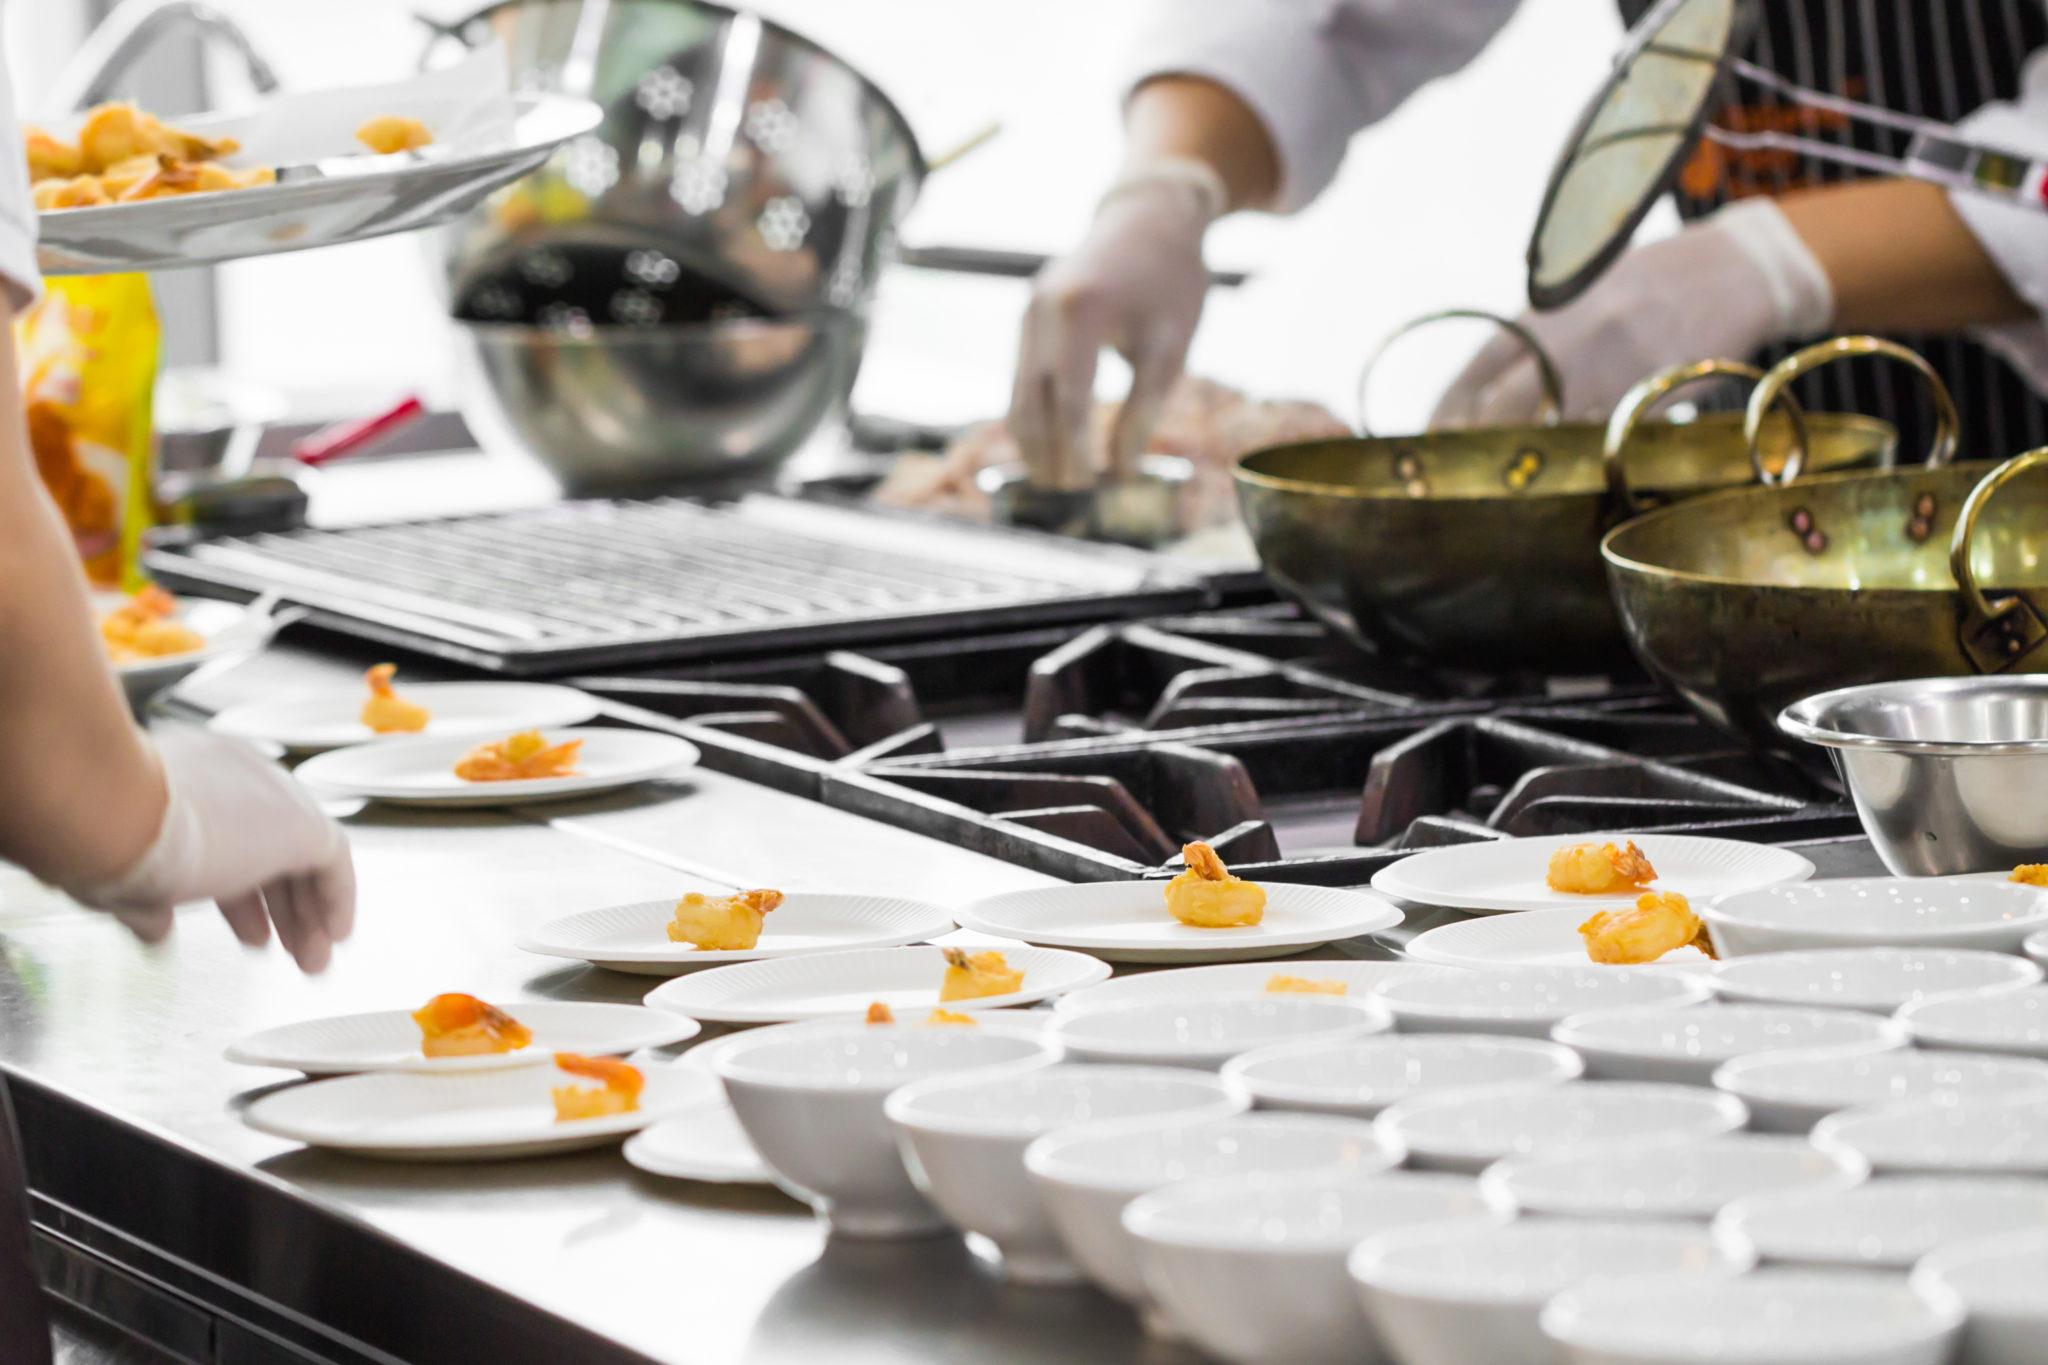 Desafios para o setor de Food Service